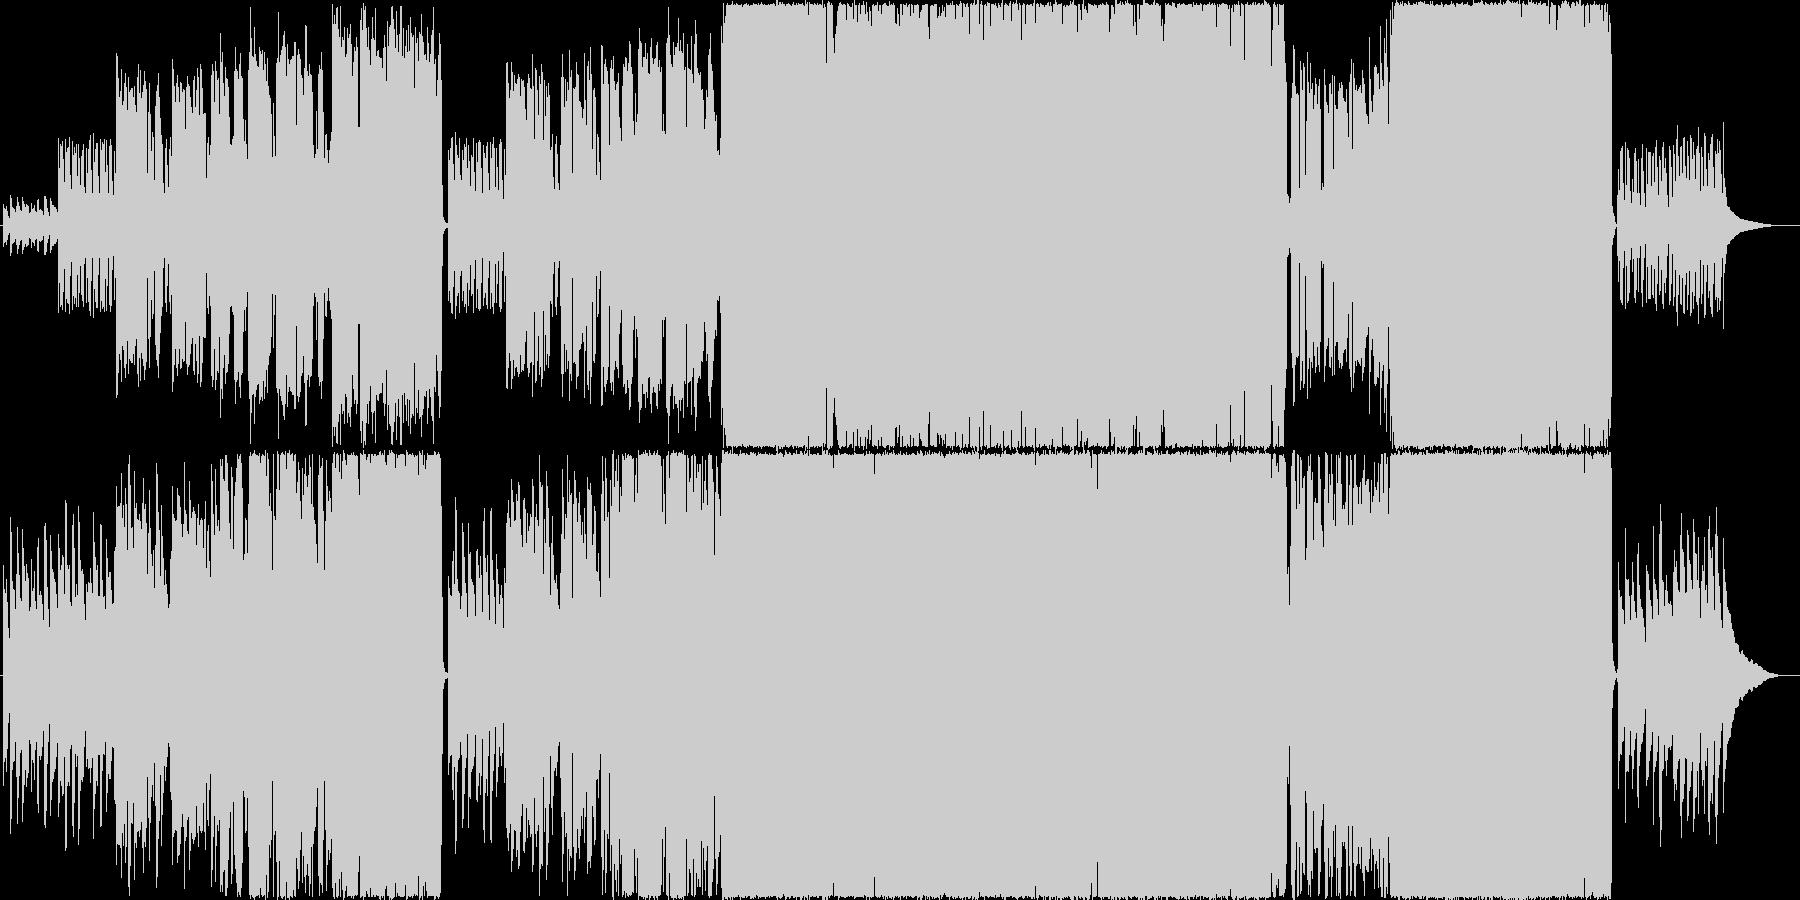 生演奏。後半からバンドインする切なポップの未再生の波形